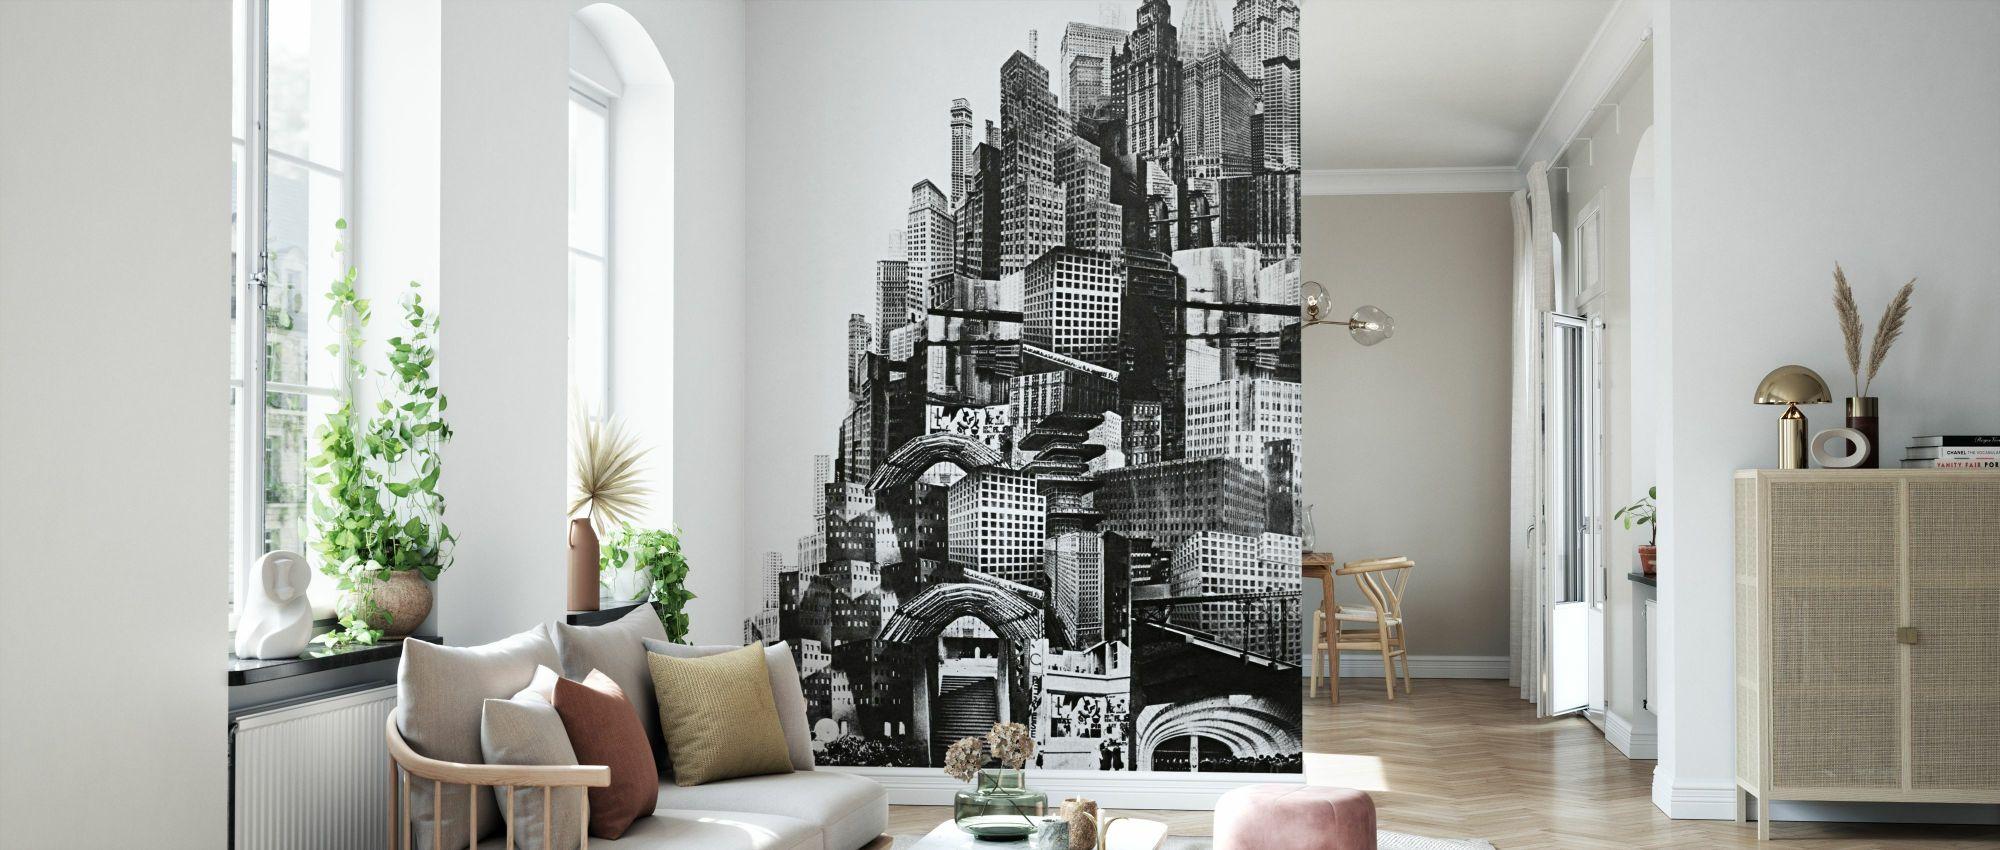 Descrizione design by studio agena. Metropolis Fotomurale Su Misura Photowall